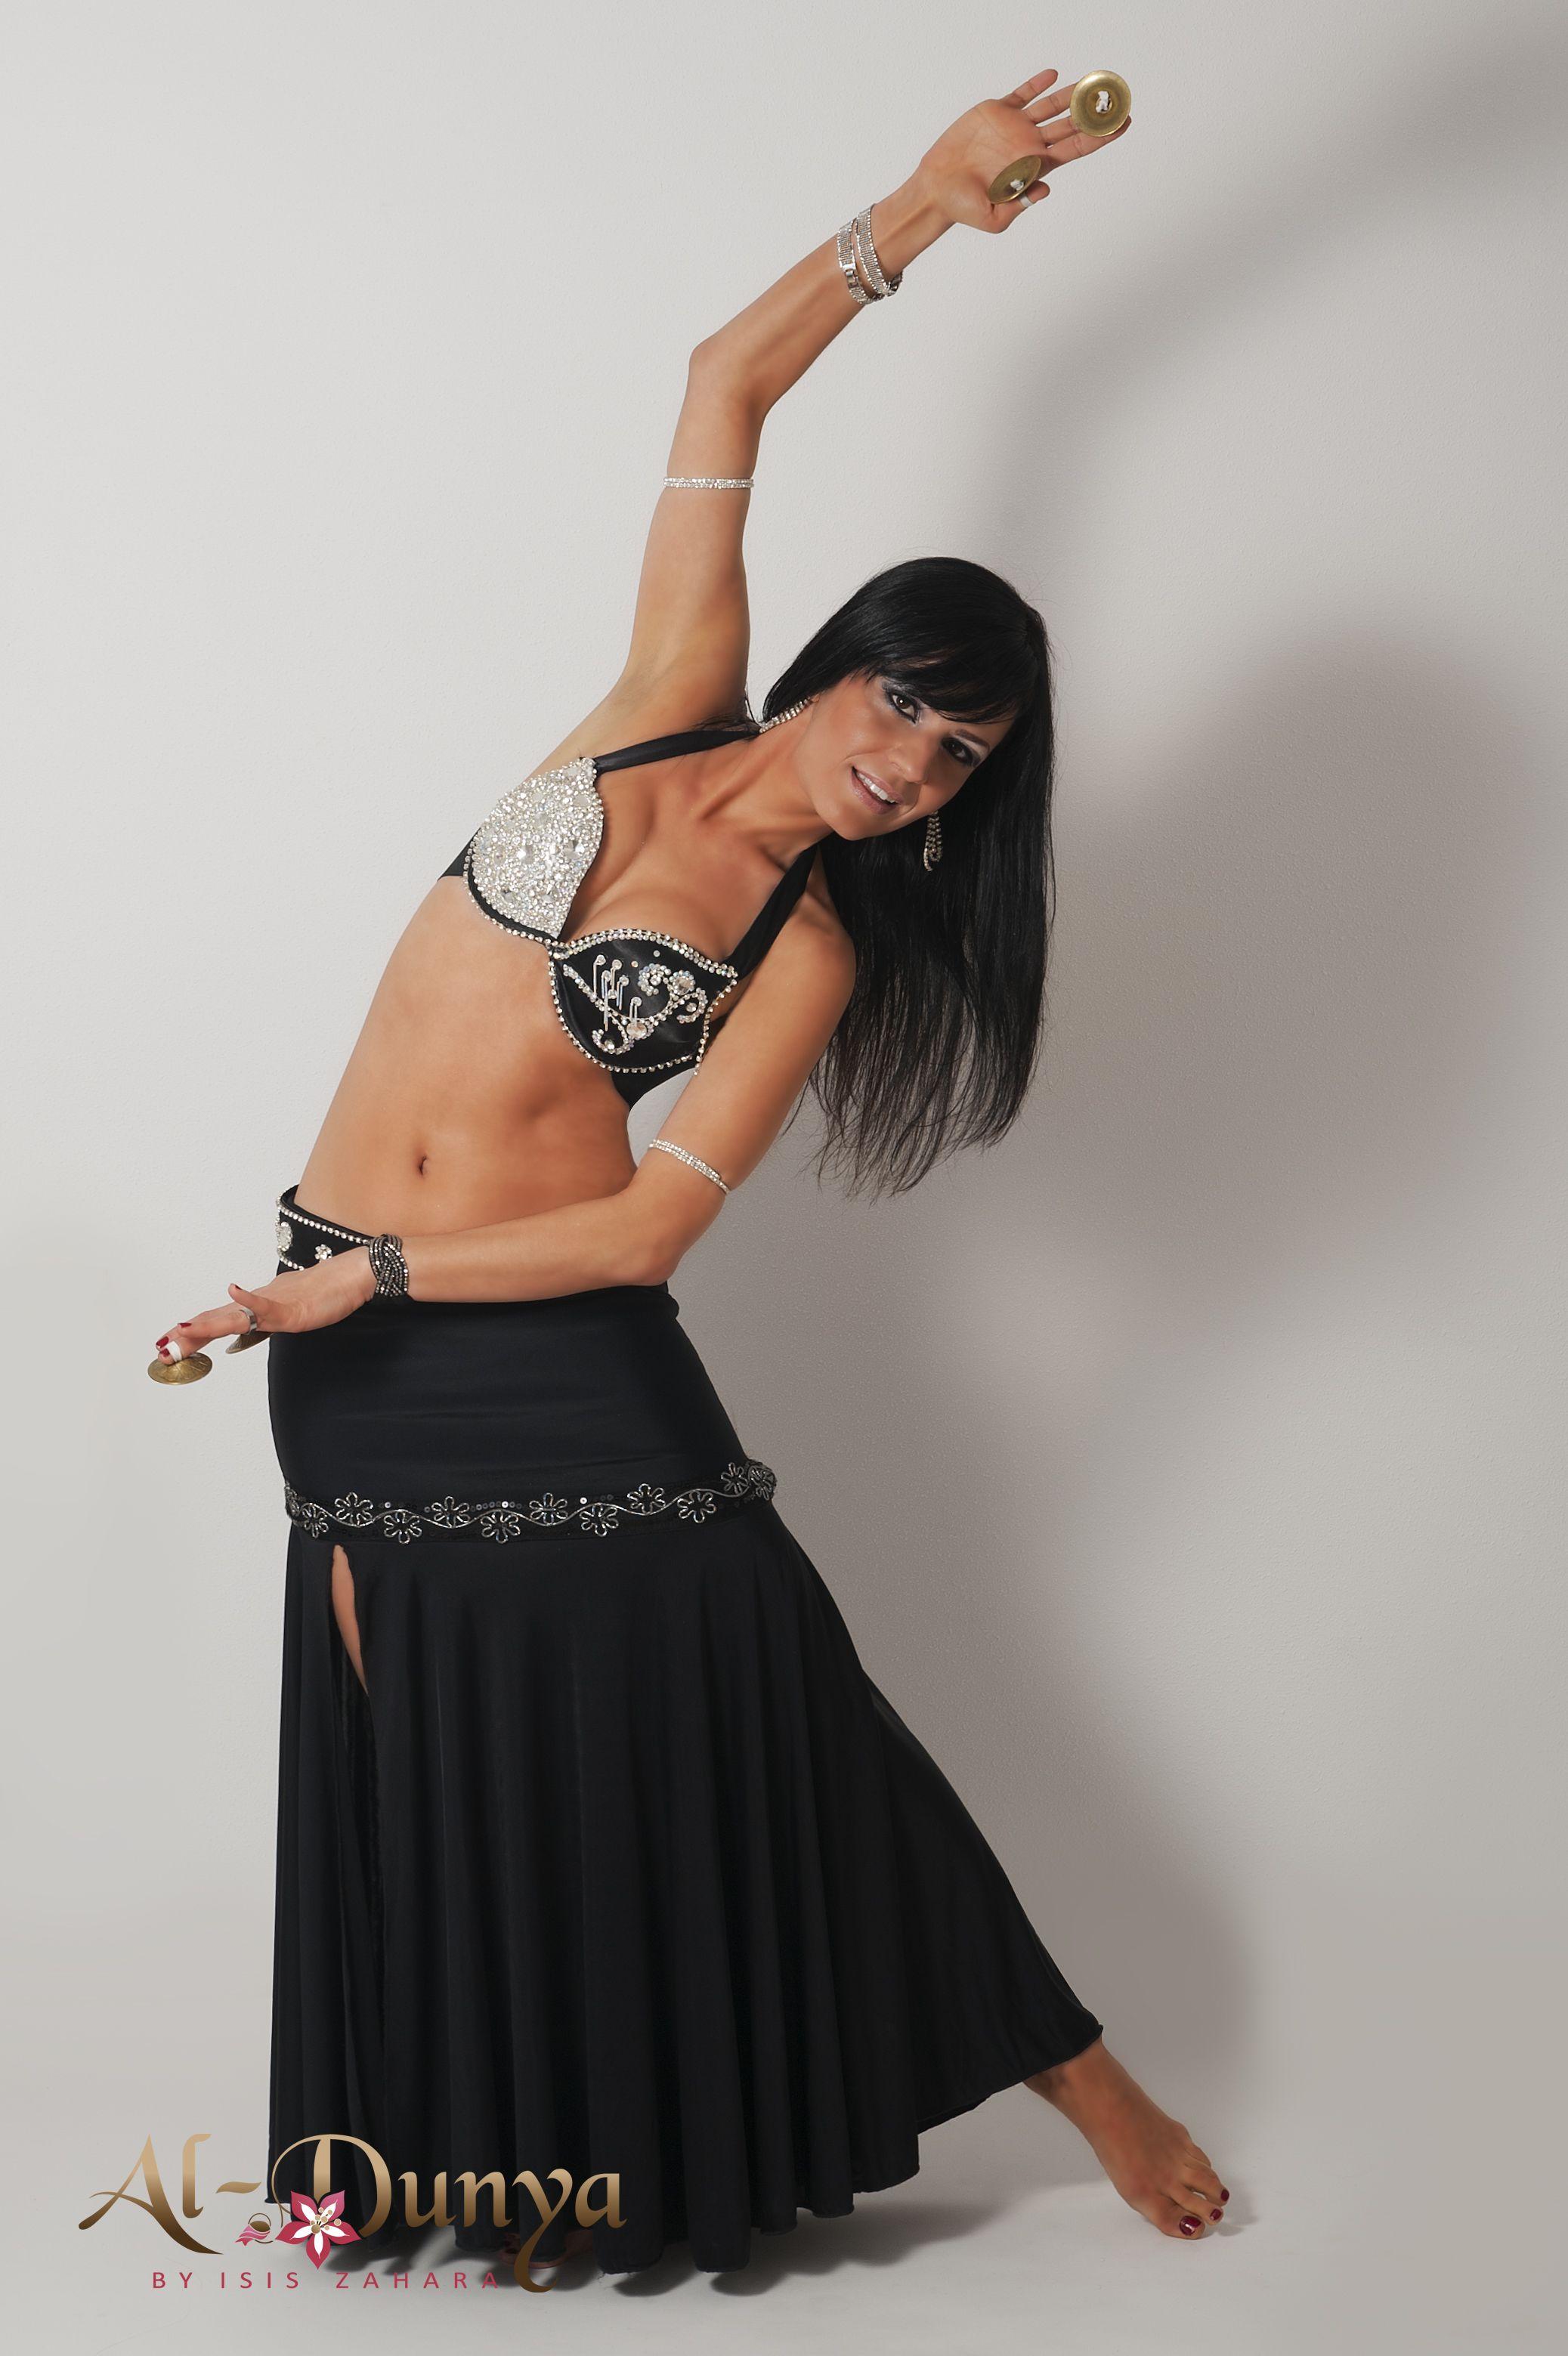 photography: Kevin Van Creij www.isiszaharabellydance.com #buikdans #bellydance